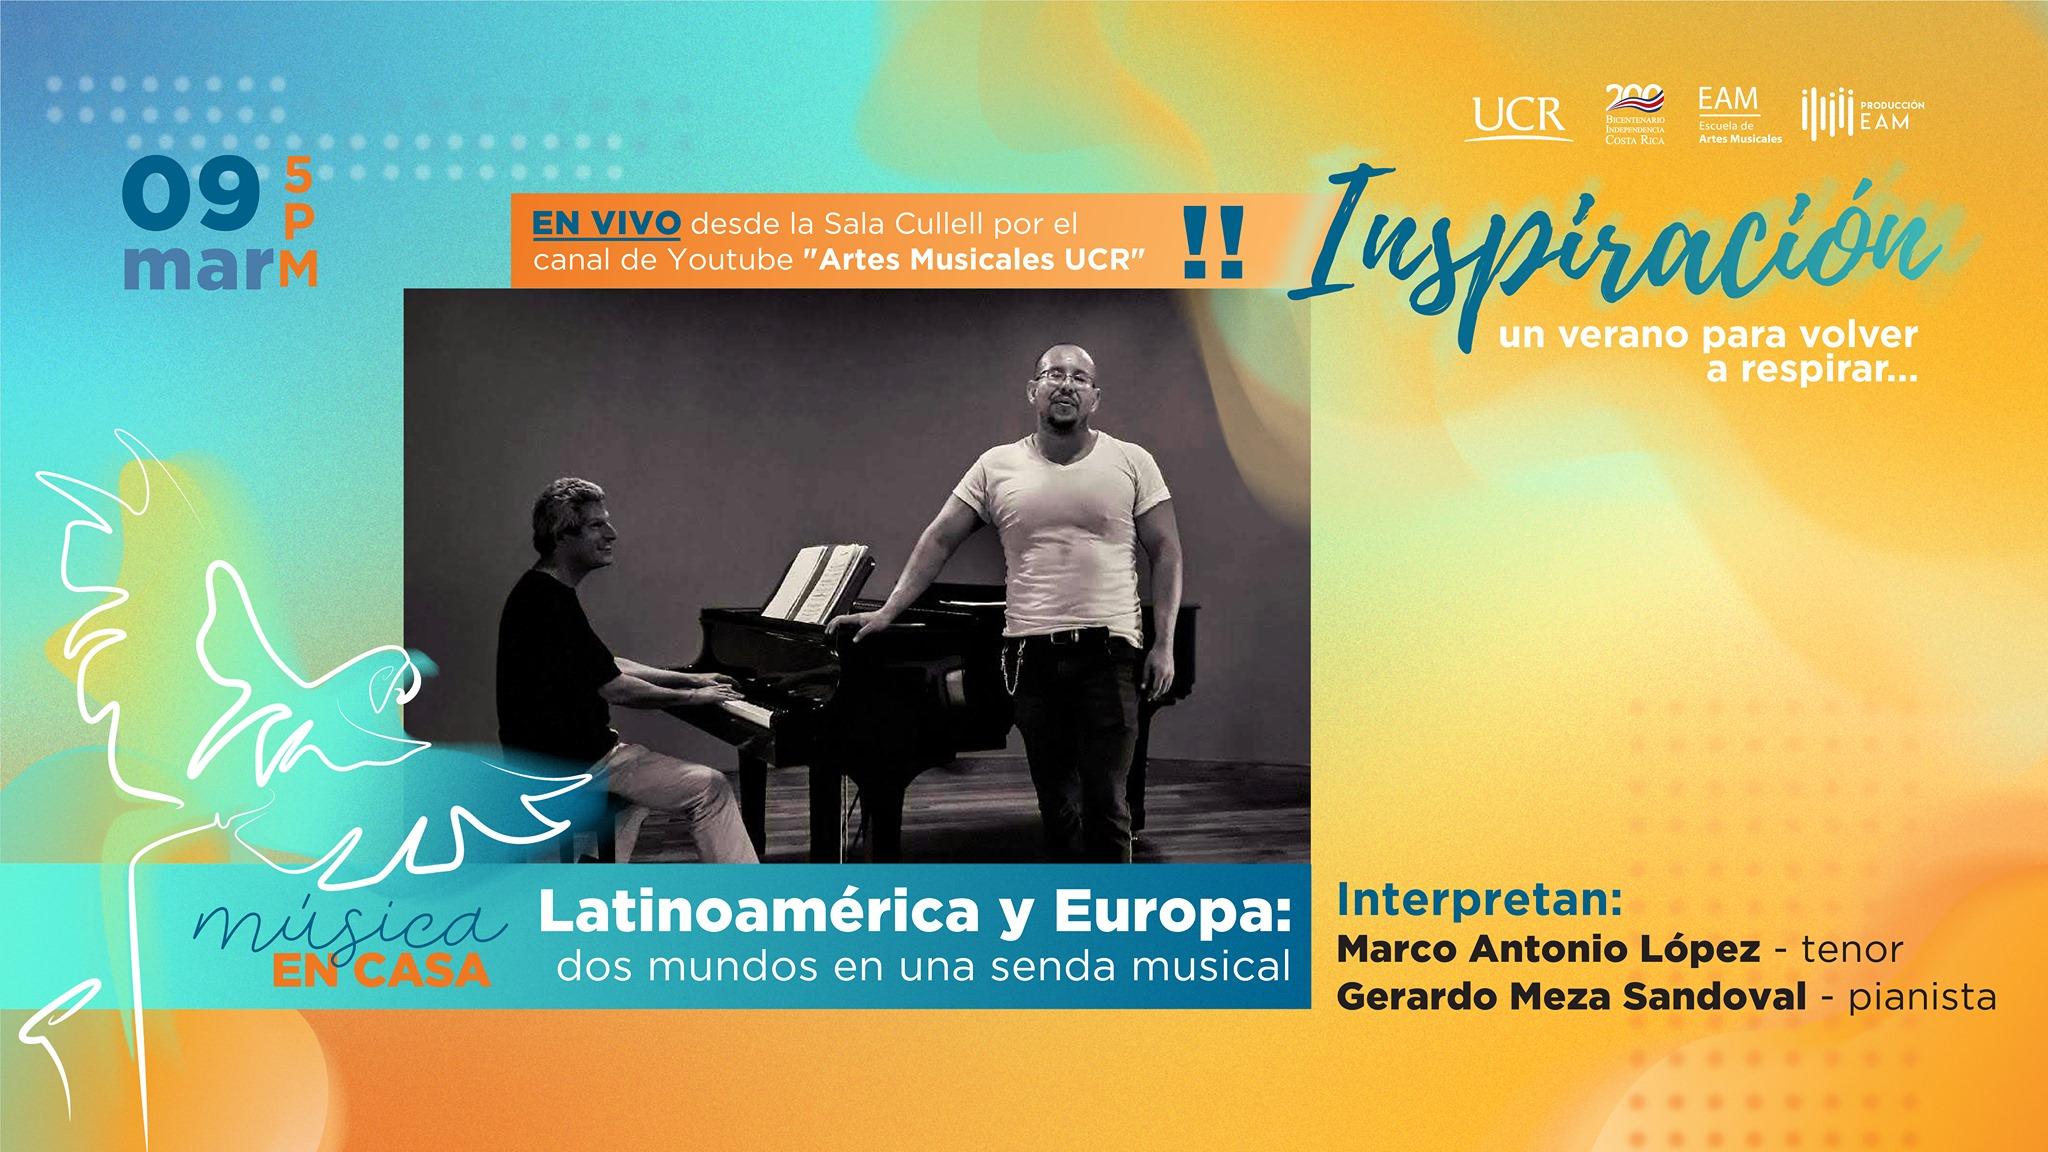 Latinoamérica y Europa:  dos mundos en una senda musical